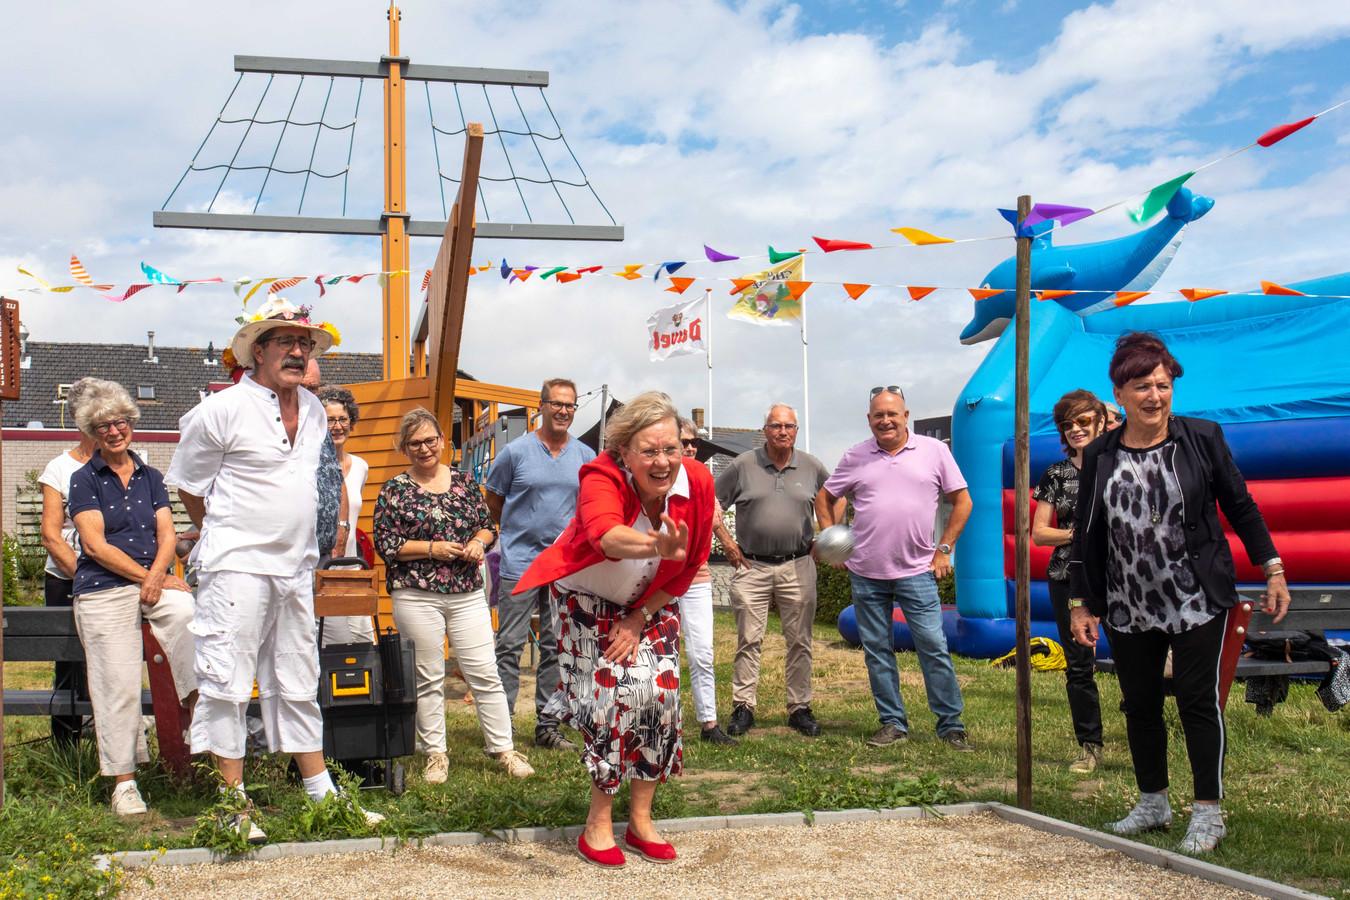 burgemeester Detty Lemmers en initiatiefnemer Marcel Vis openen de nieuwe jeu de boulesbanen in Kamperland; Kamperland; 2019;